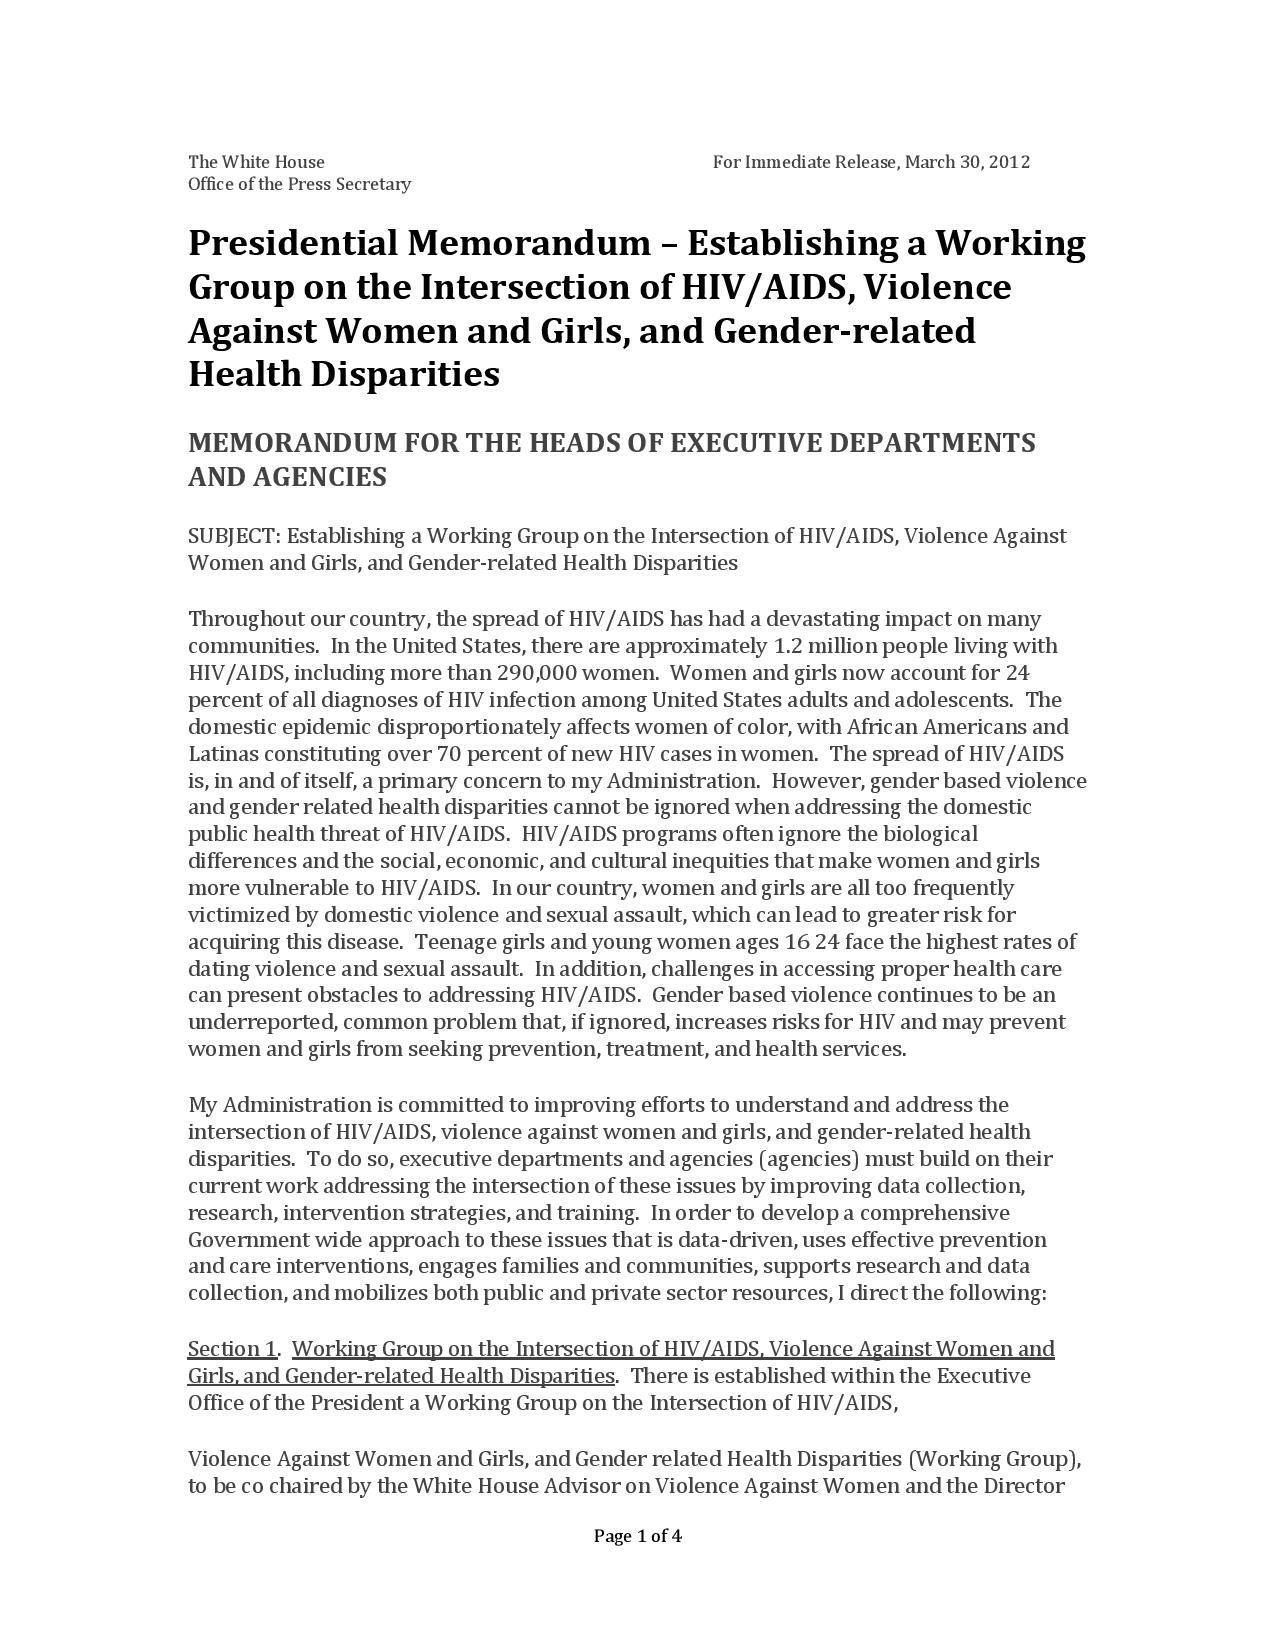 WH_PresMemo-EstabWrkgGrpIntersectionHIV-AIDS-VAWandGirlsandGender-RelatedHealthDisparities_3-30-2012-page-001.jpg